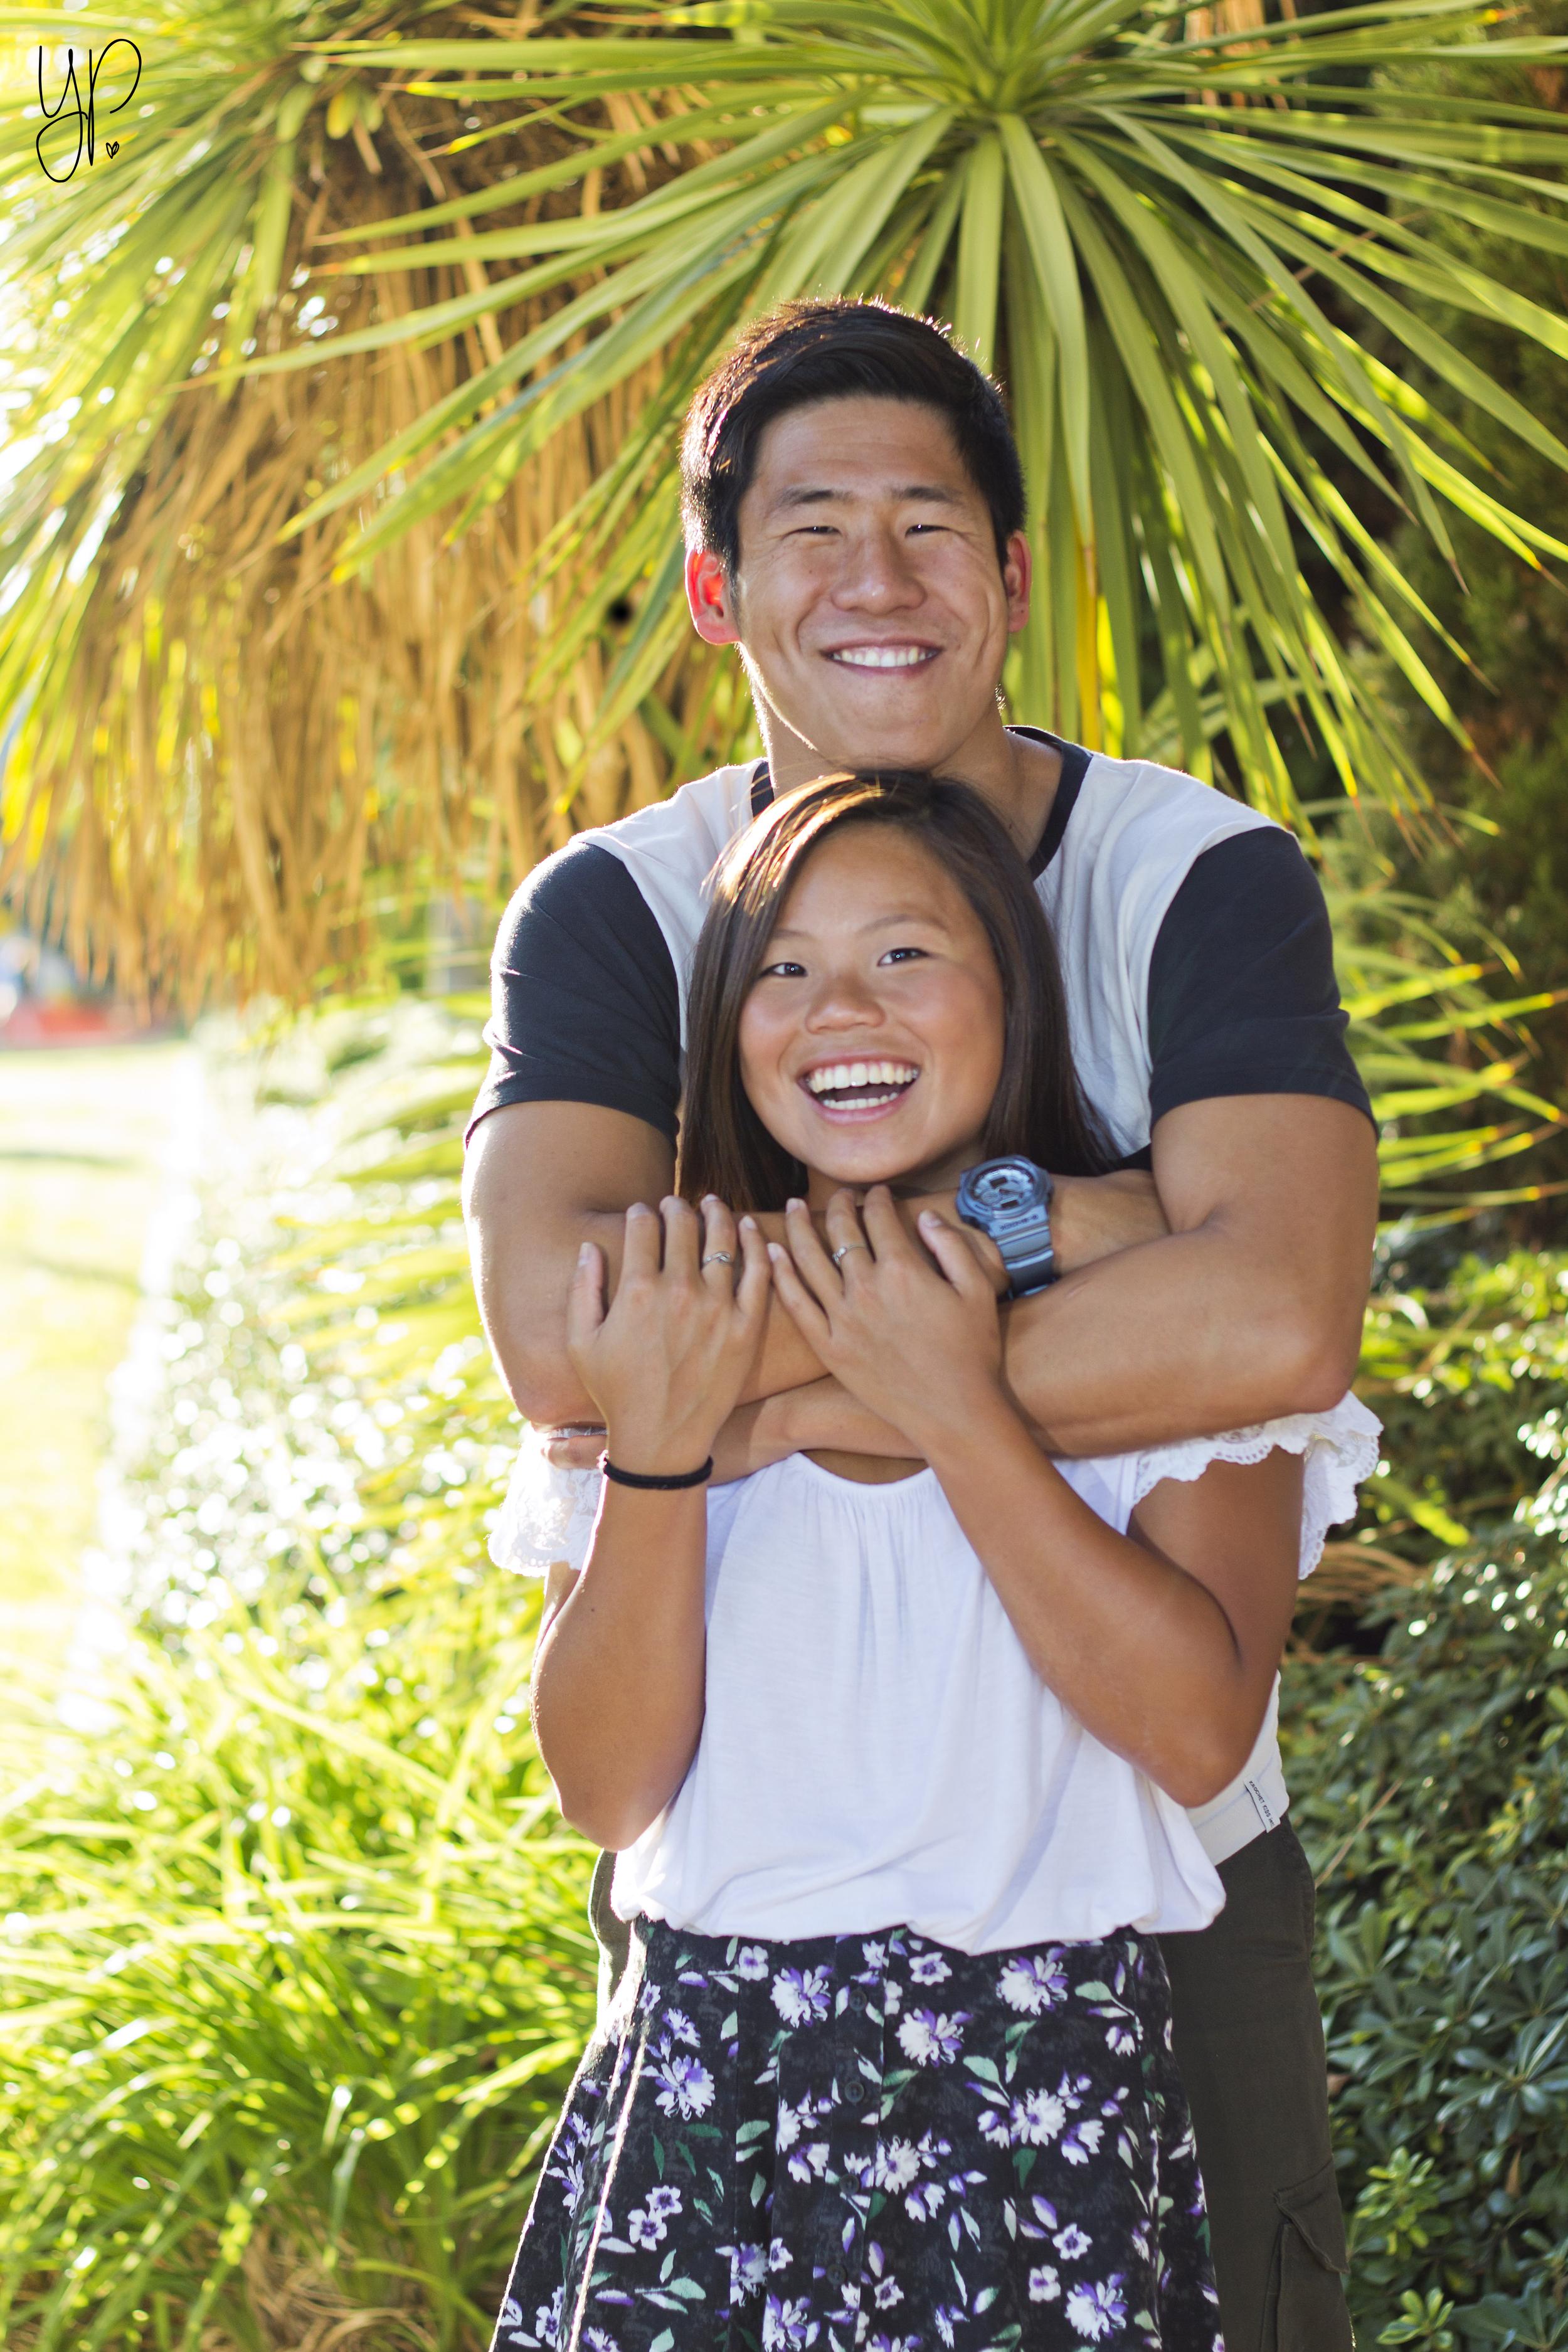 Catherine & AJ's shoot at Balboa Park